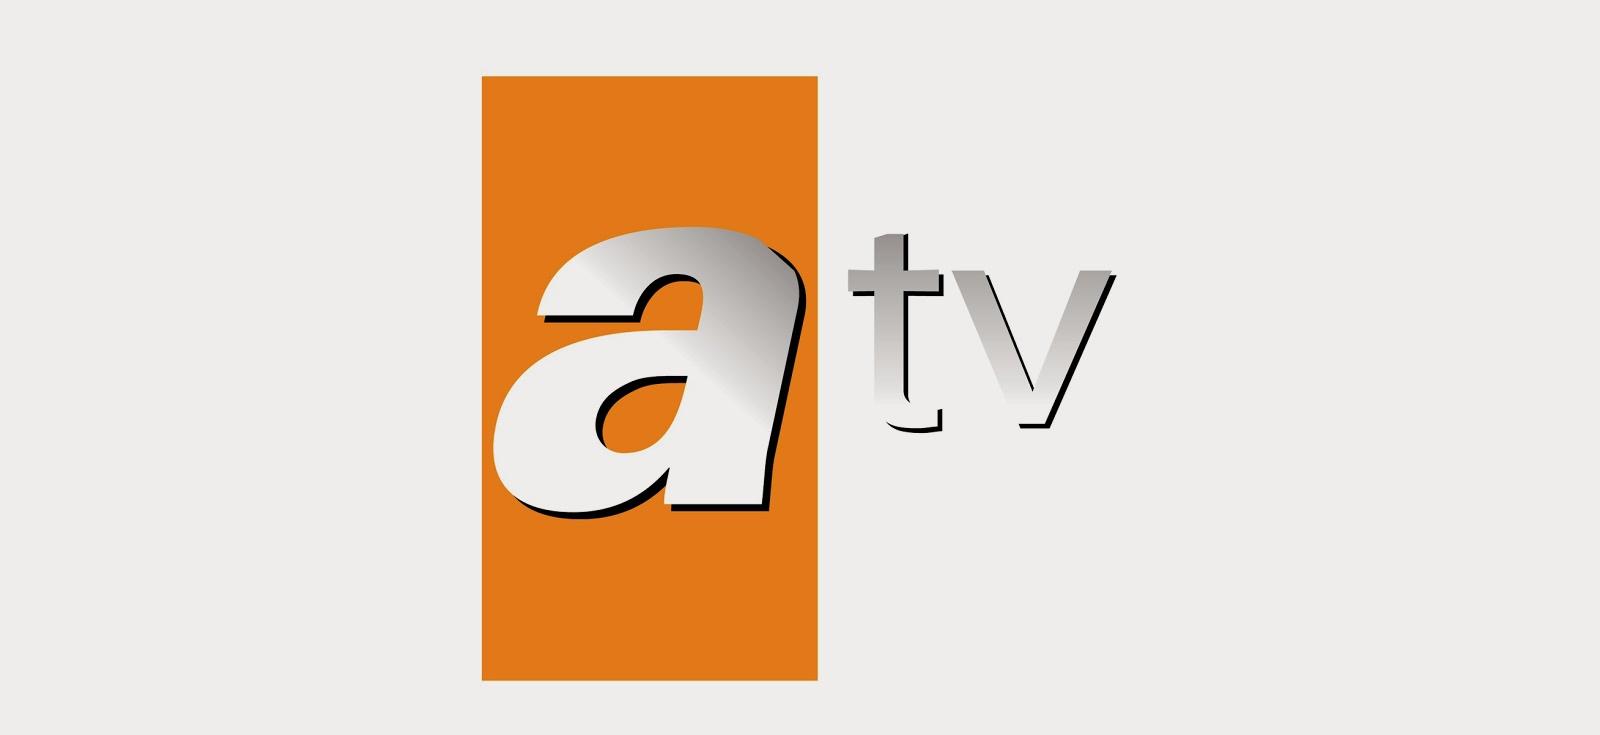 17 Nisan 2021 Cumartesi ATV Yayın Akışı |Kardeşlerim yeni bölümüyle ATV'de